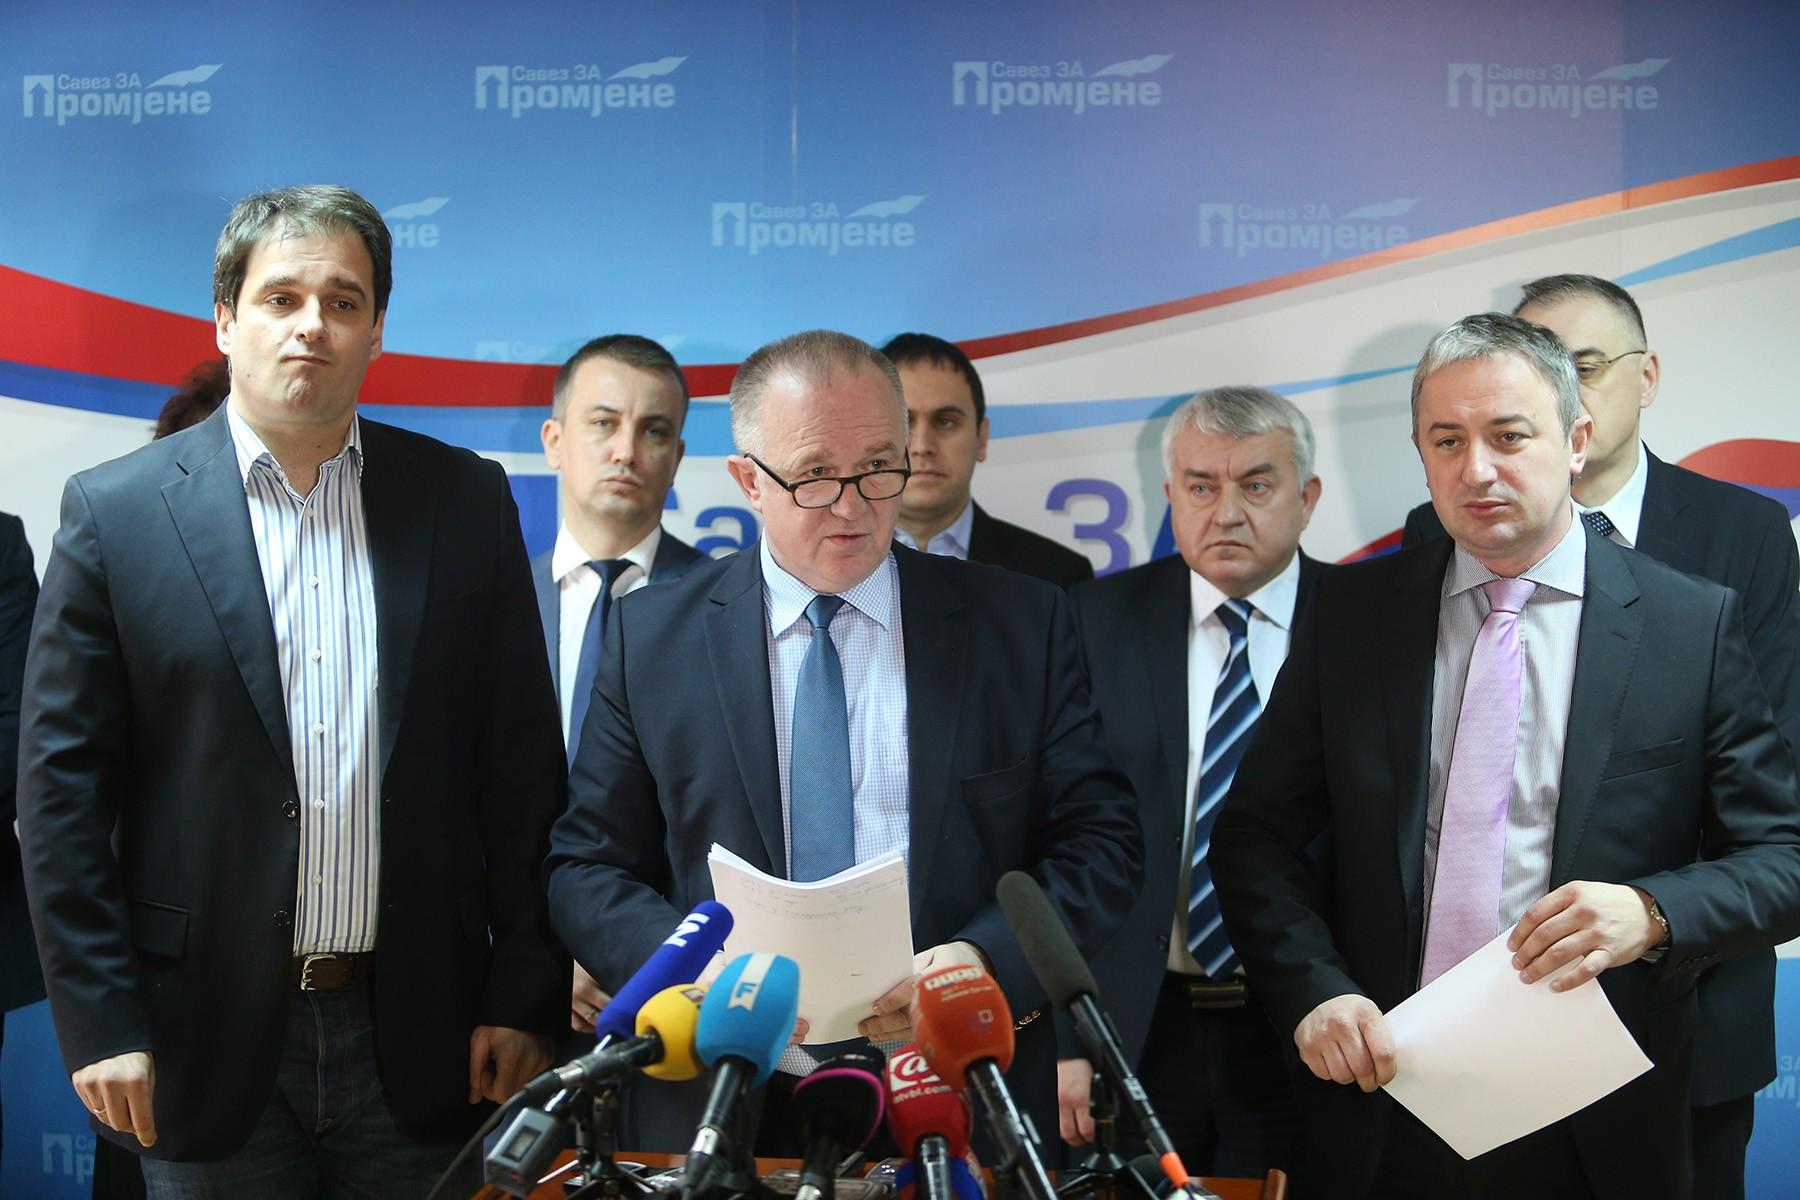 UPIRU PRSTOM JEDNI U DRUGE Podjele i nesloga među opozicijom u Srpskoj izlaze na vidjelo